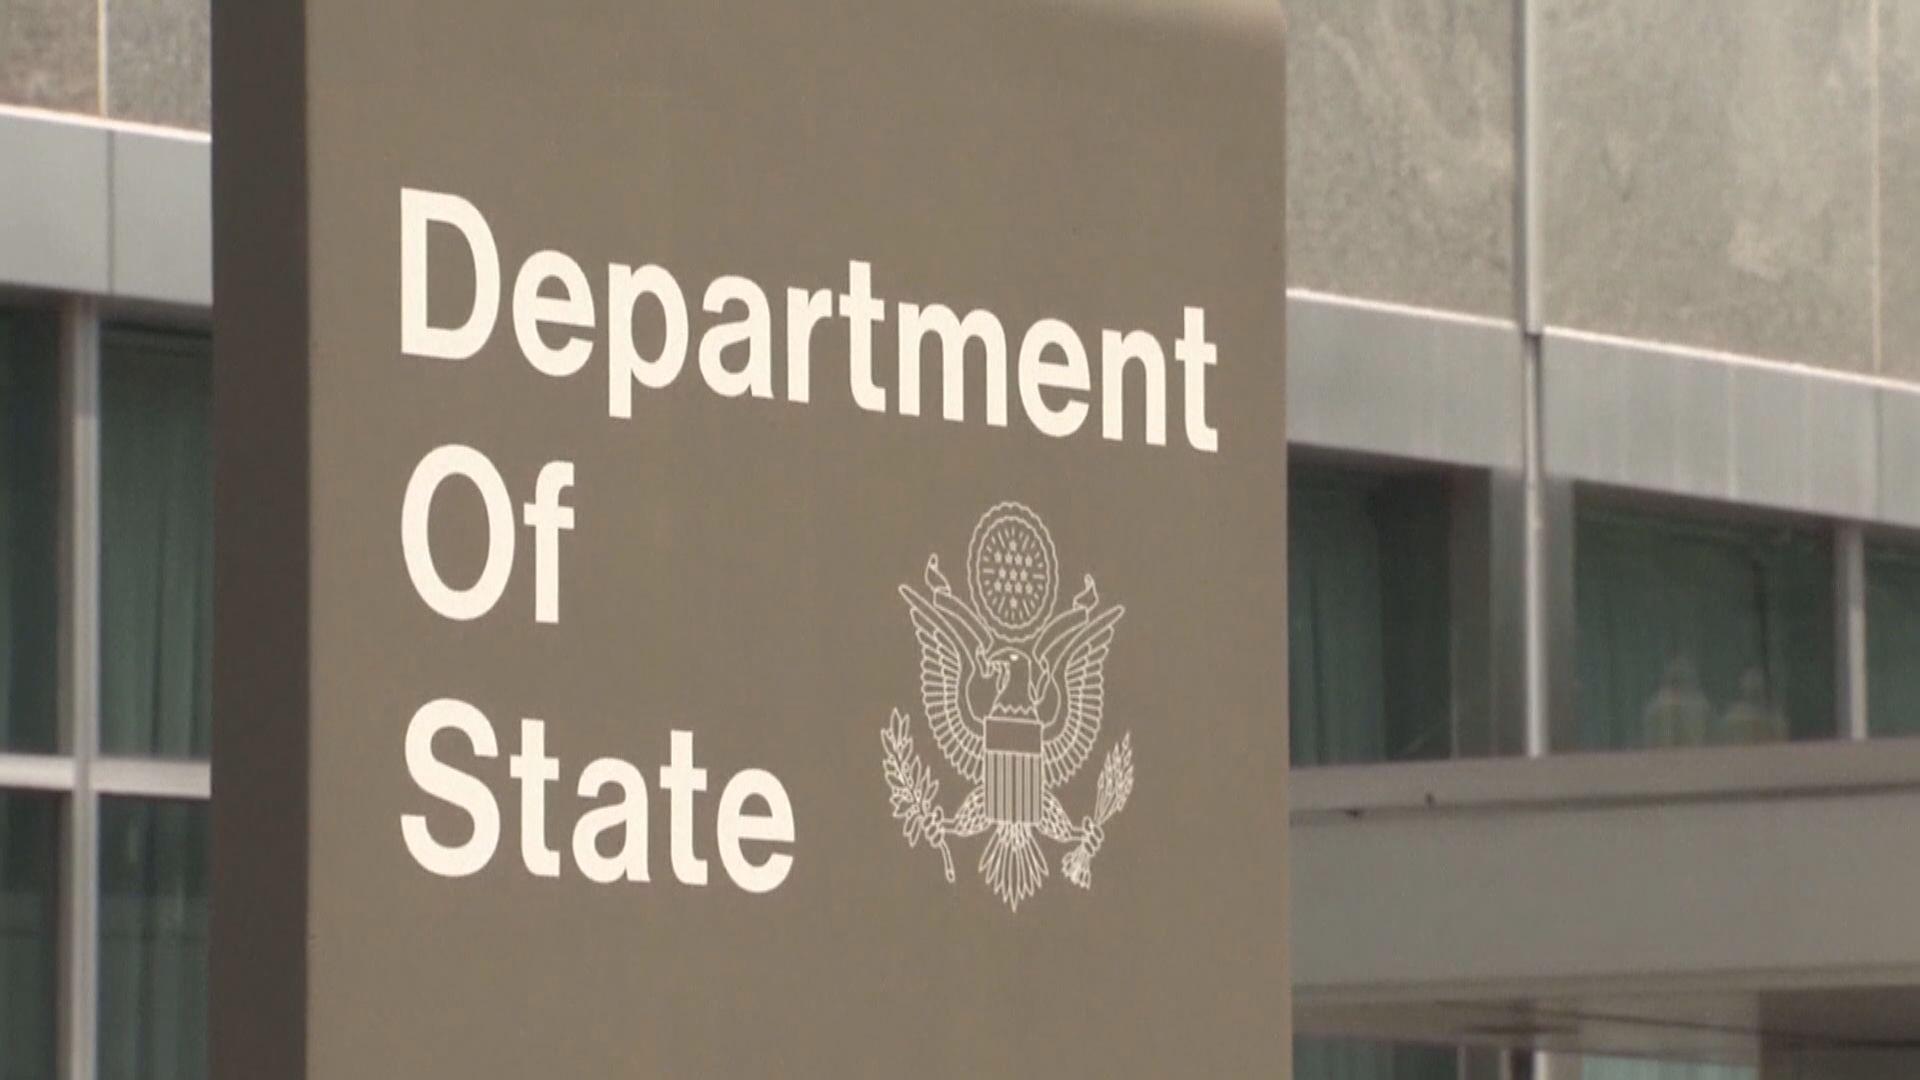 美國敦促北京停止對台施壓